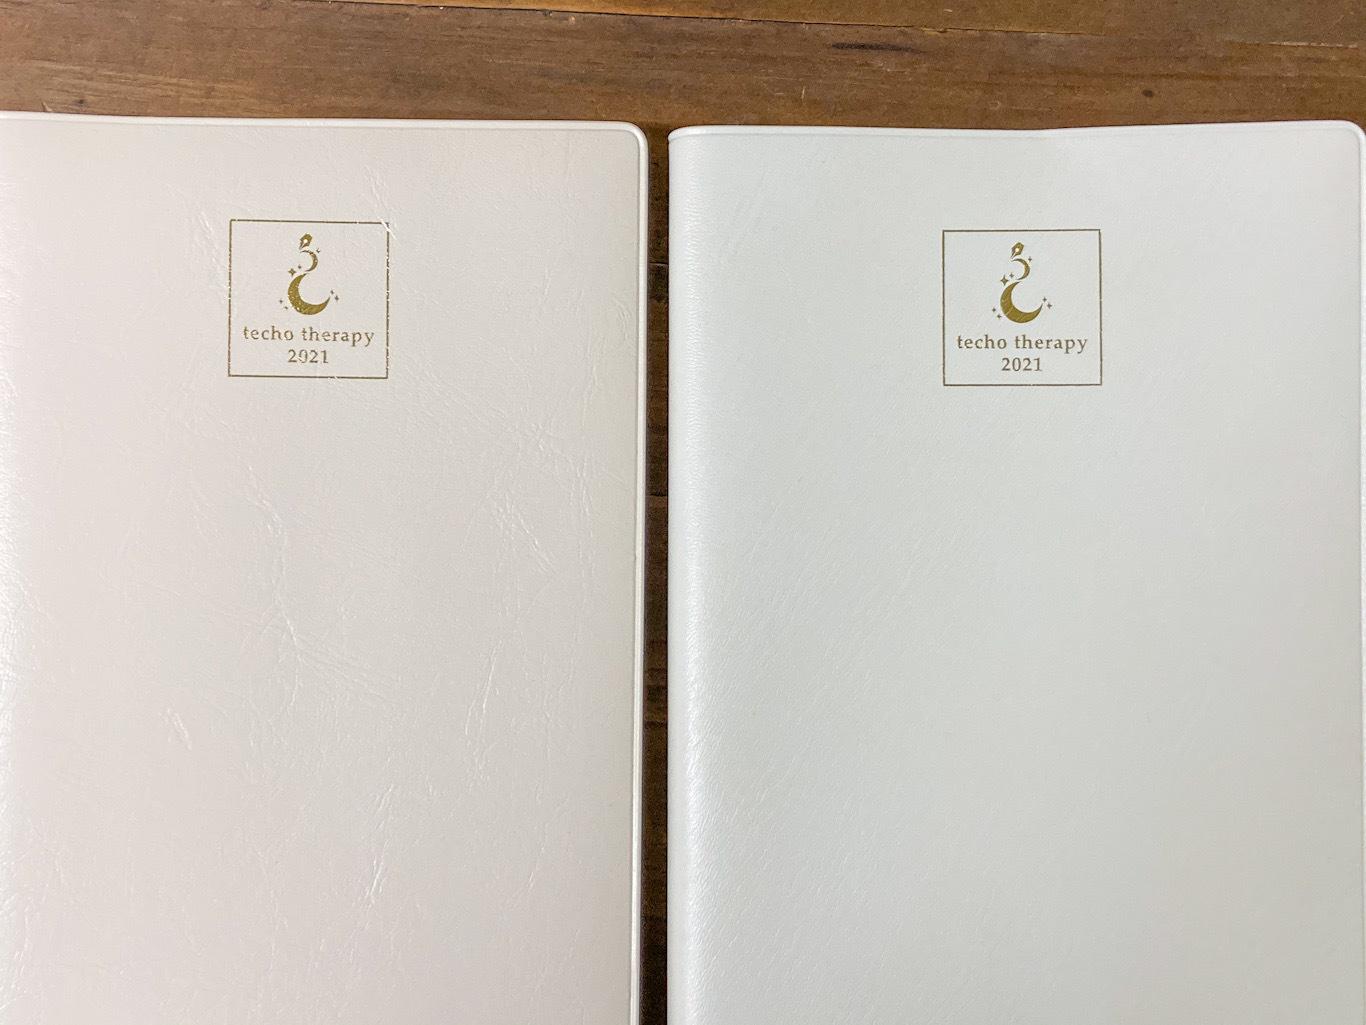 【お知らせ】「幸せなおとりよせ手帳2021」カバー素材の変更ついて_f0164842_14583379.jpeg